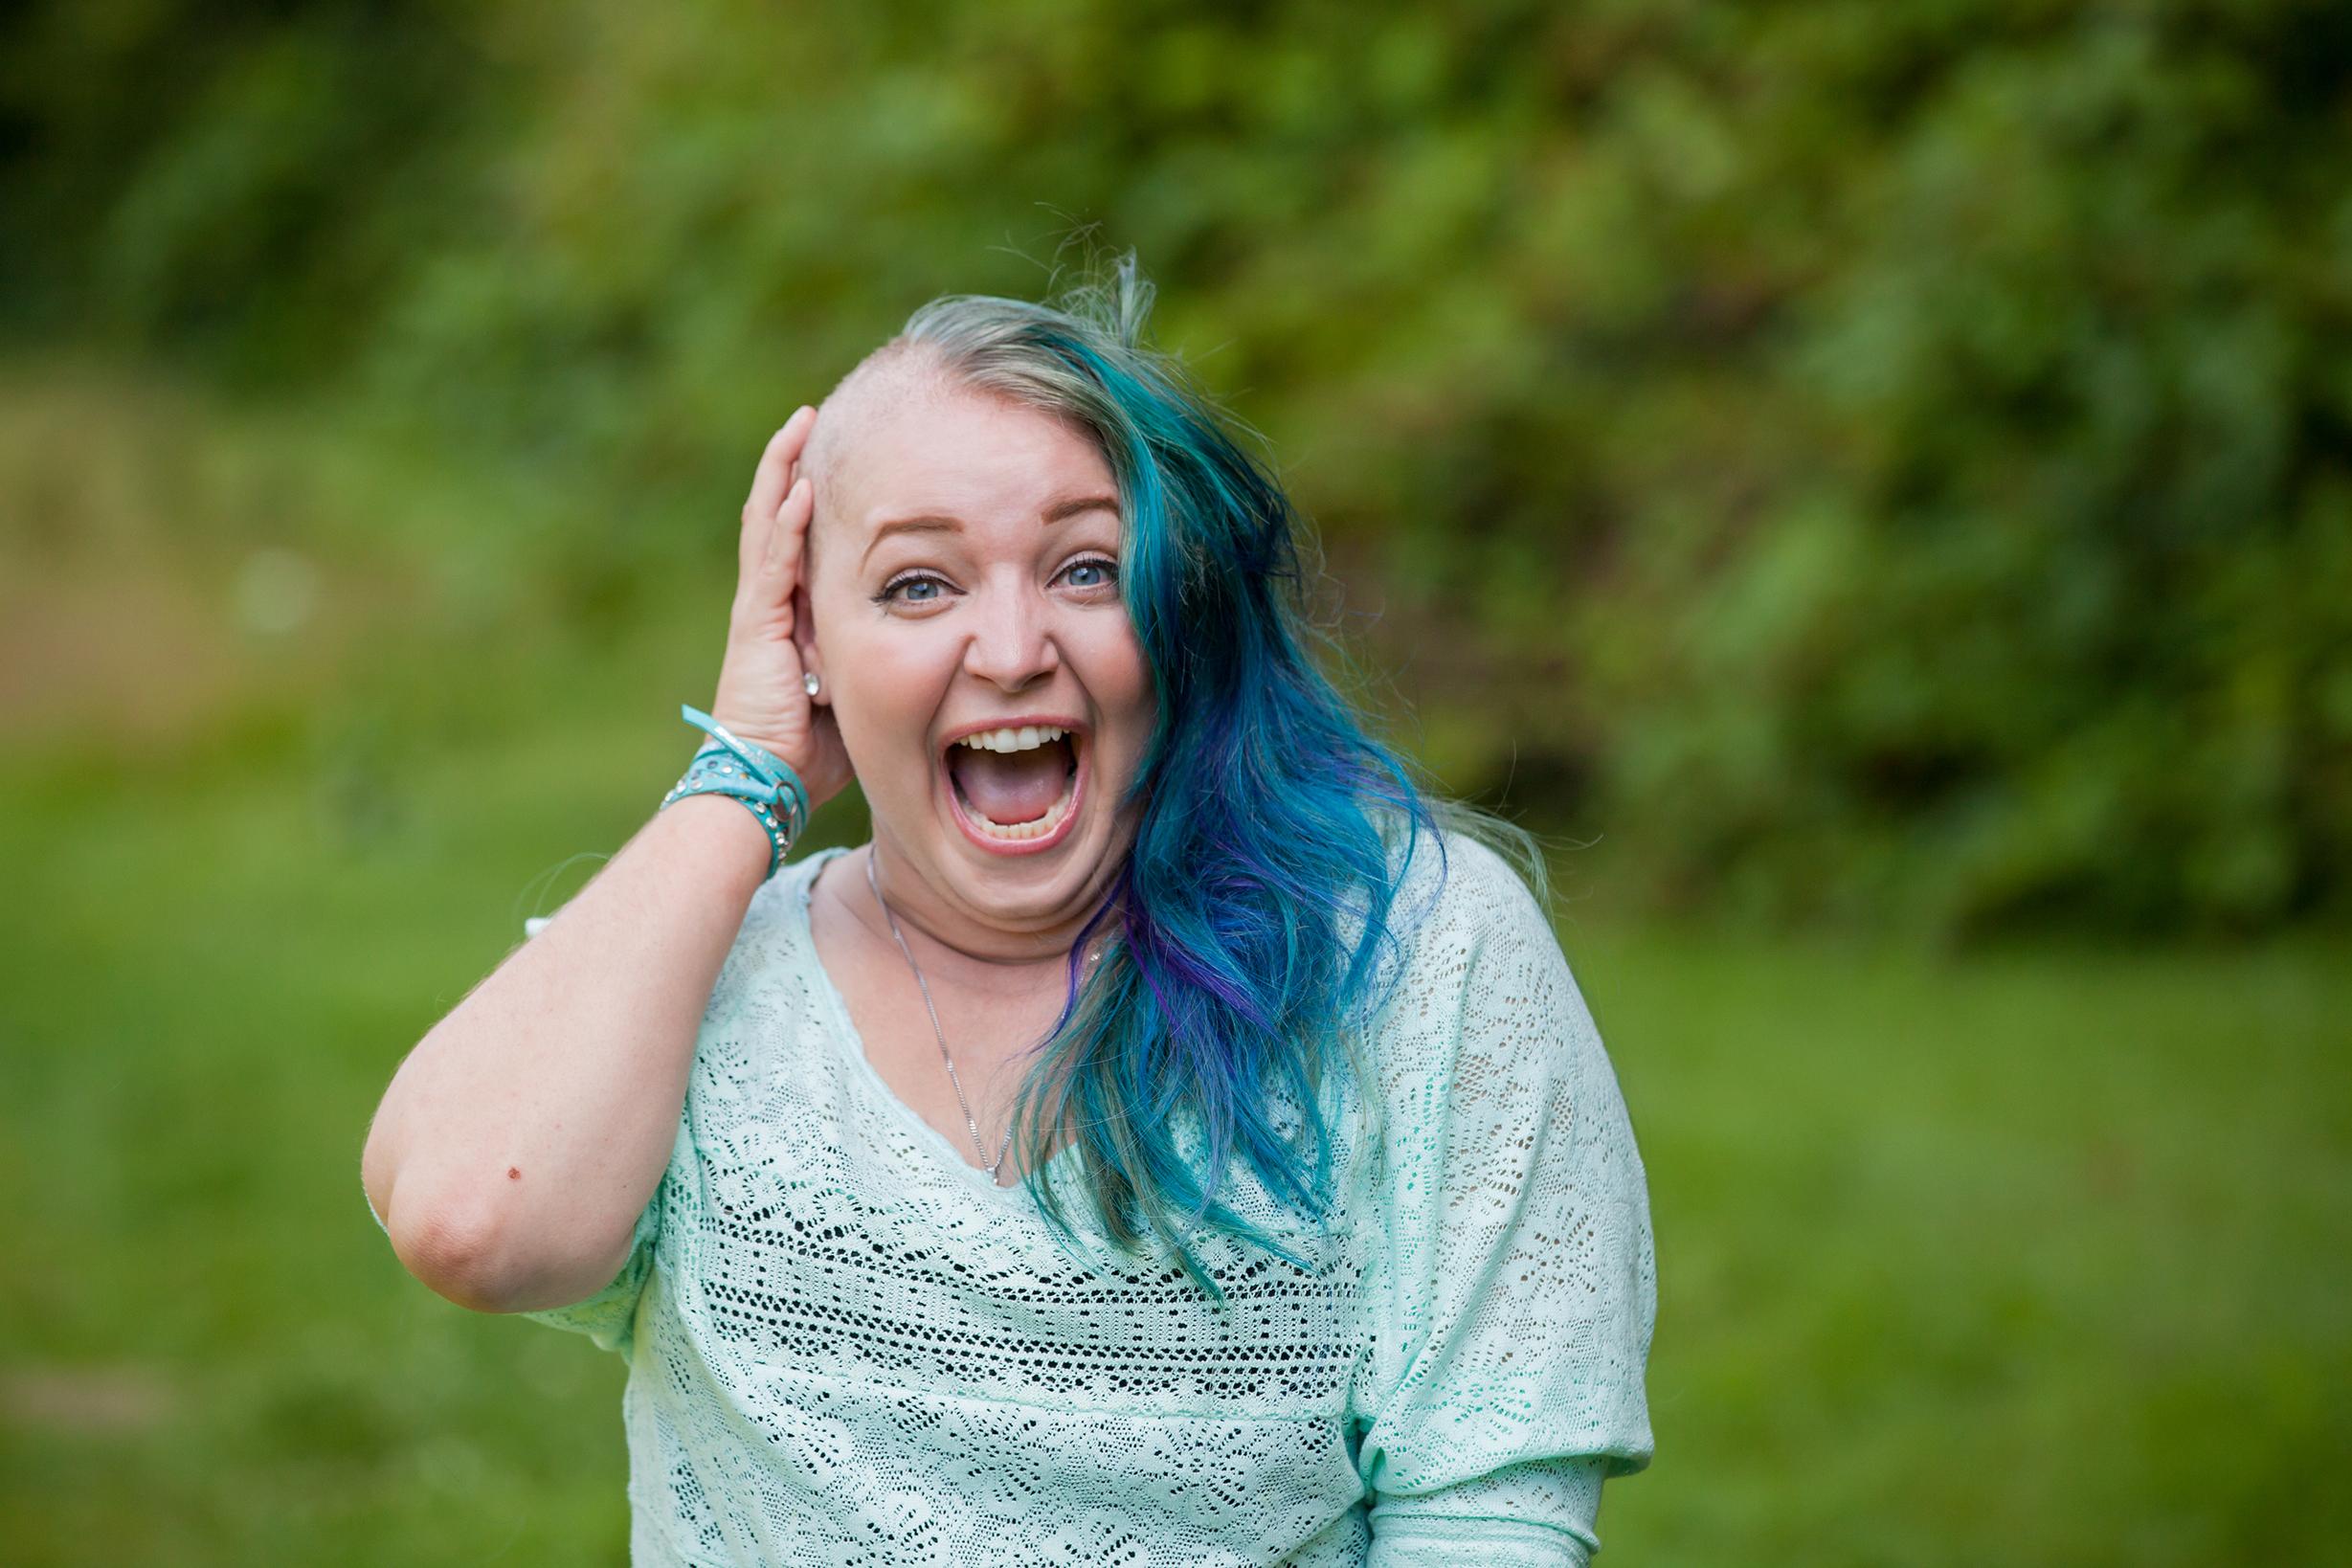 She Laughs Colour (28 of 116).jpg